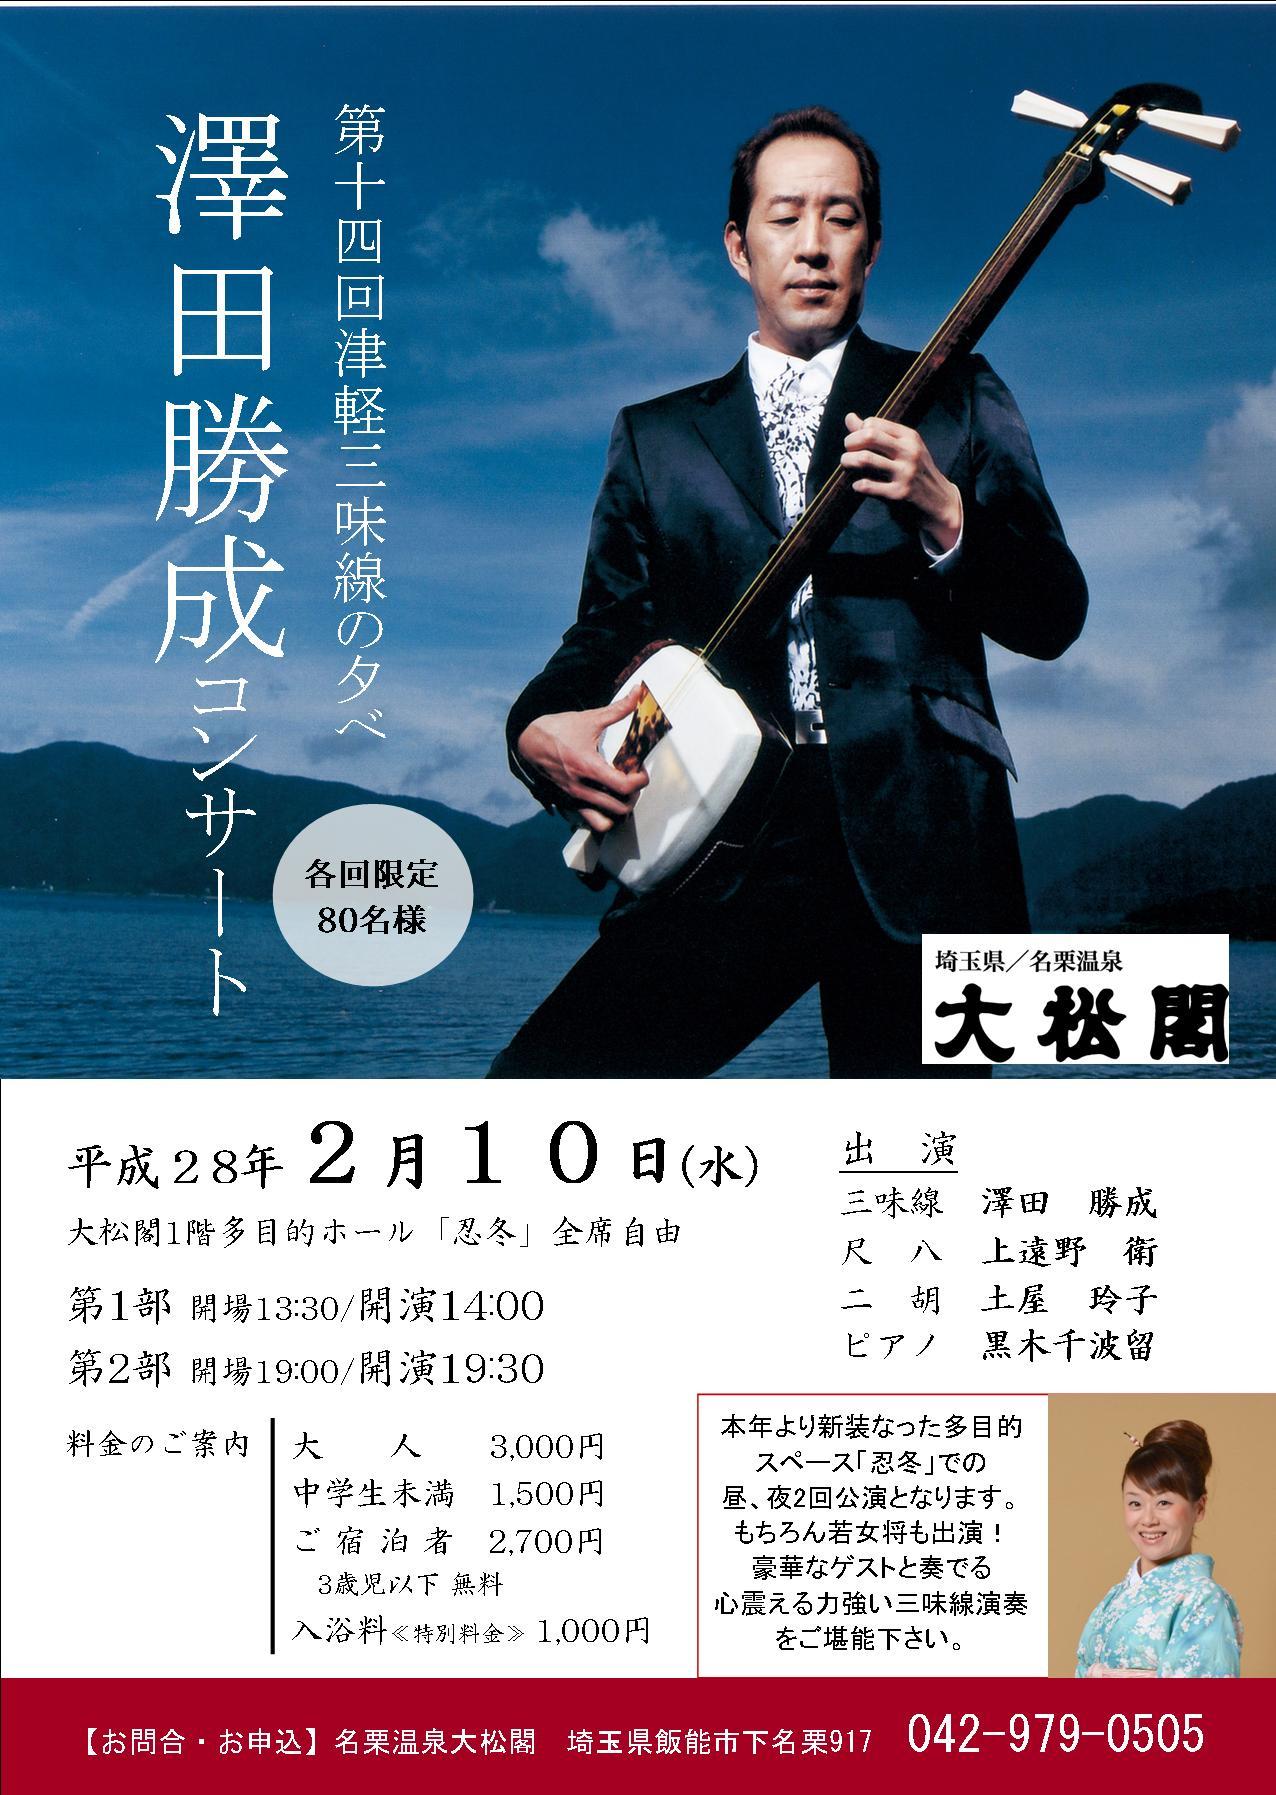 澤田 勝成 津軽三味線の夕べ 2月10日